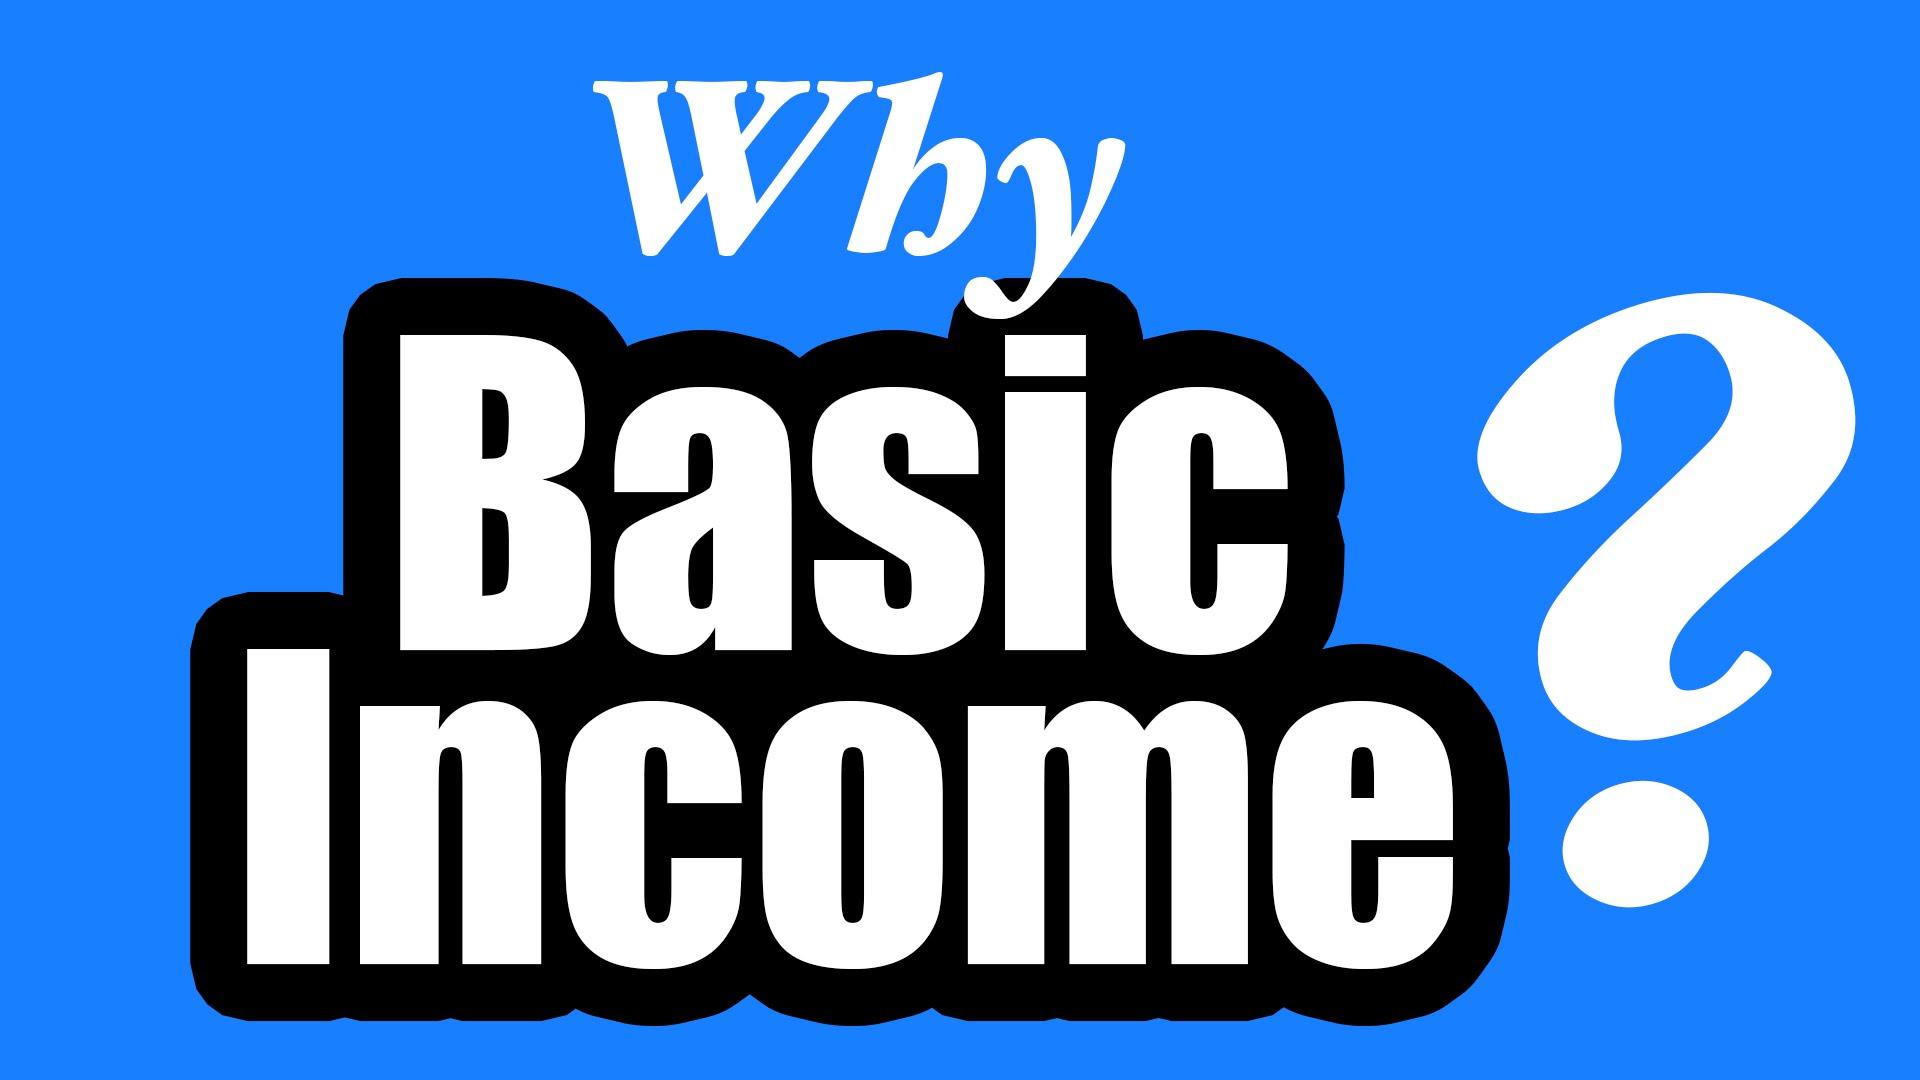 Защо базисен доход?